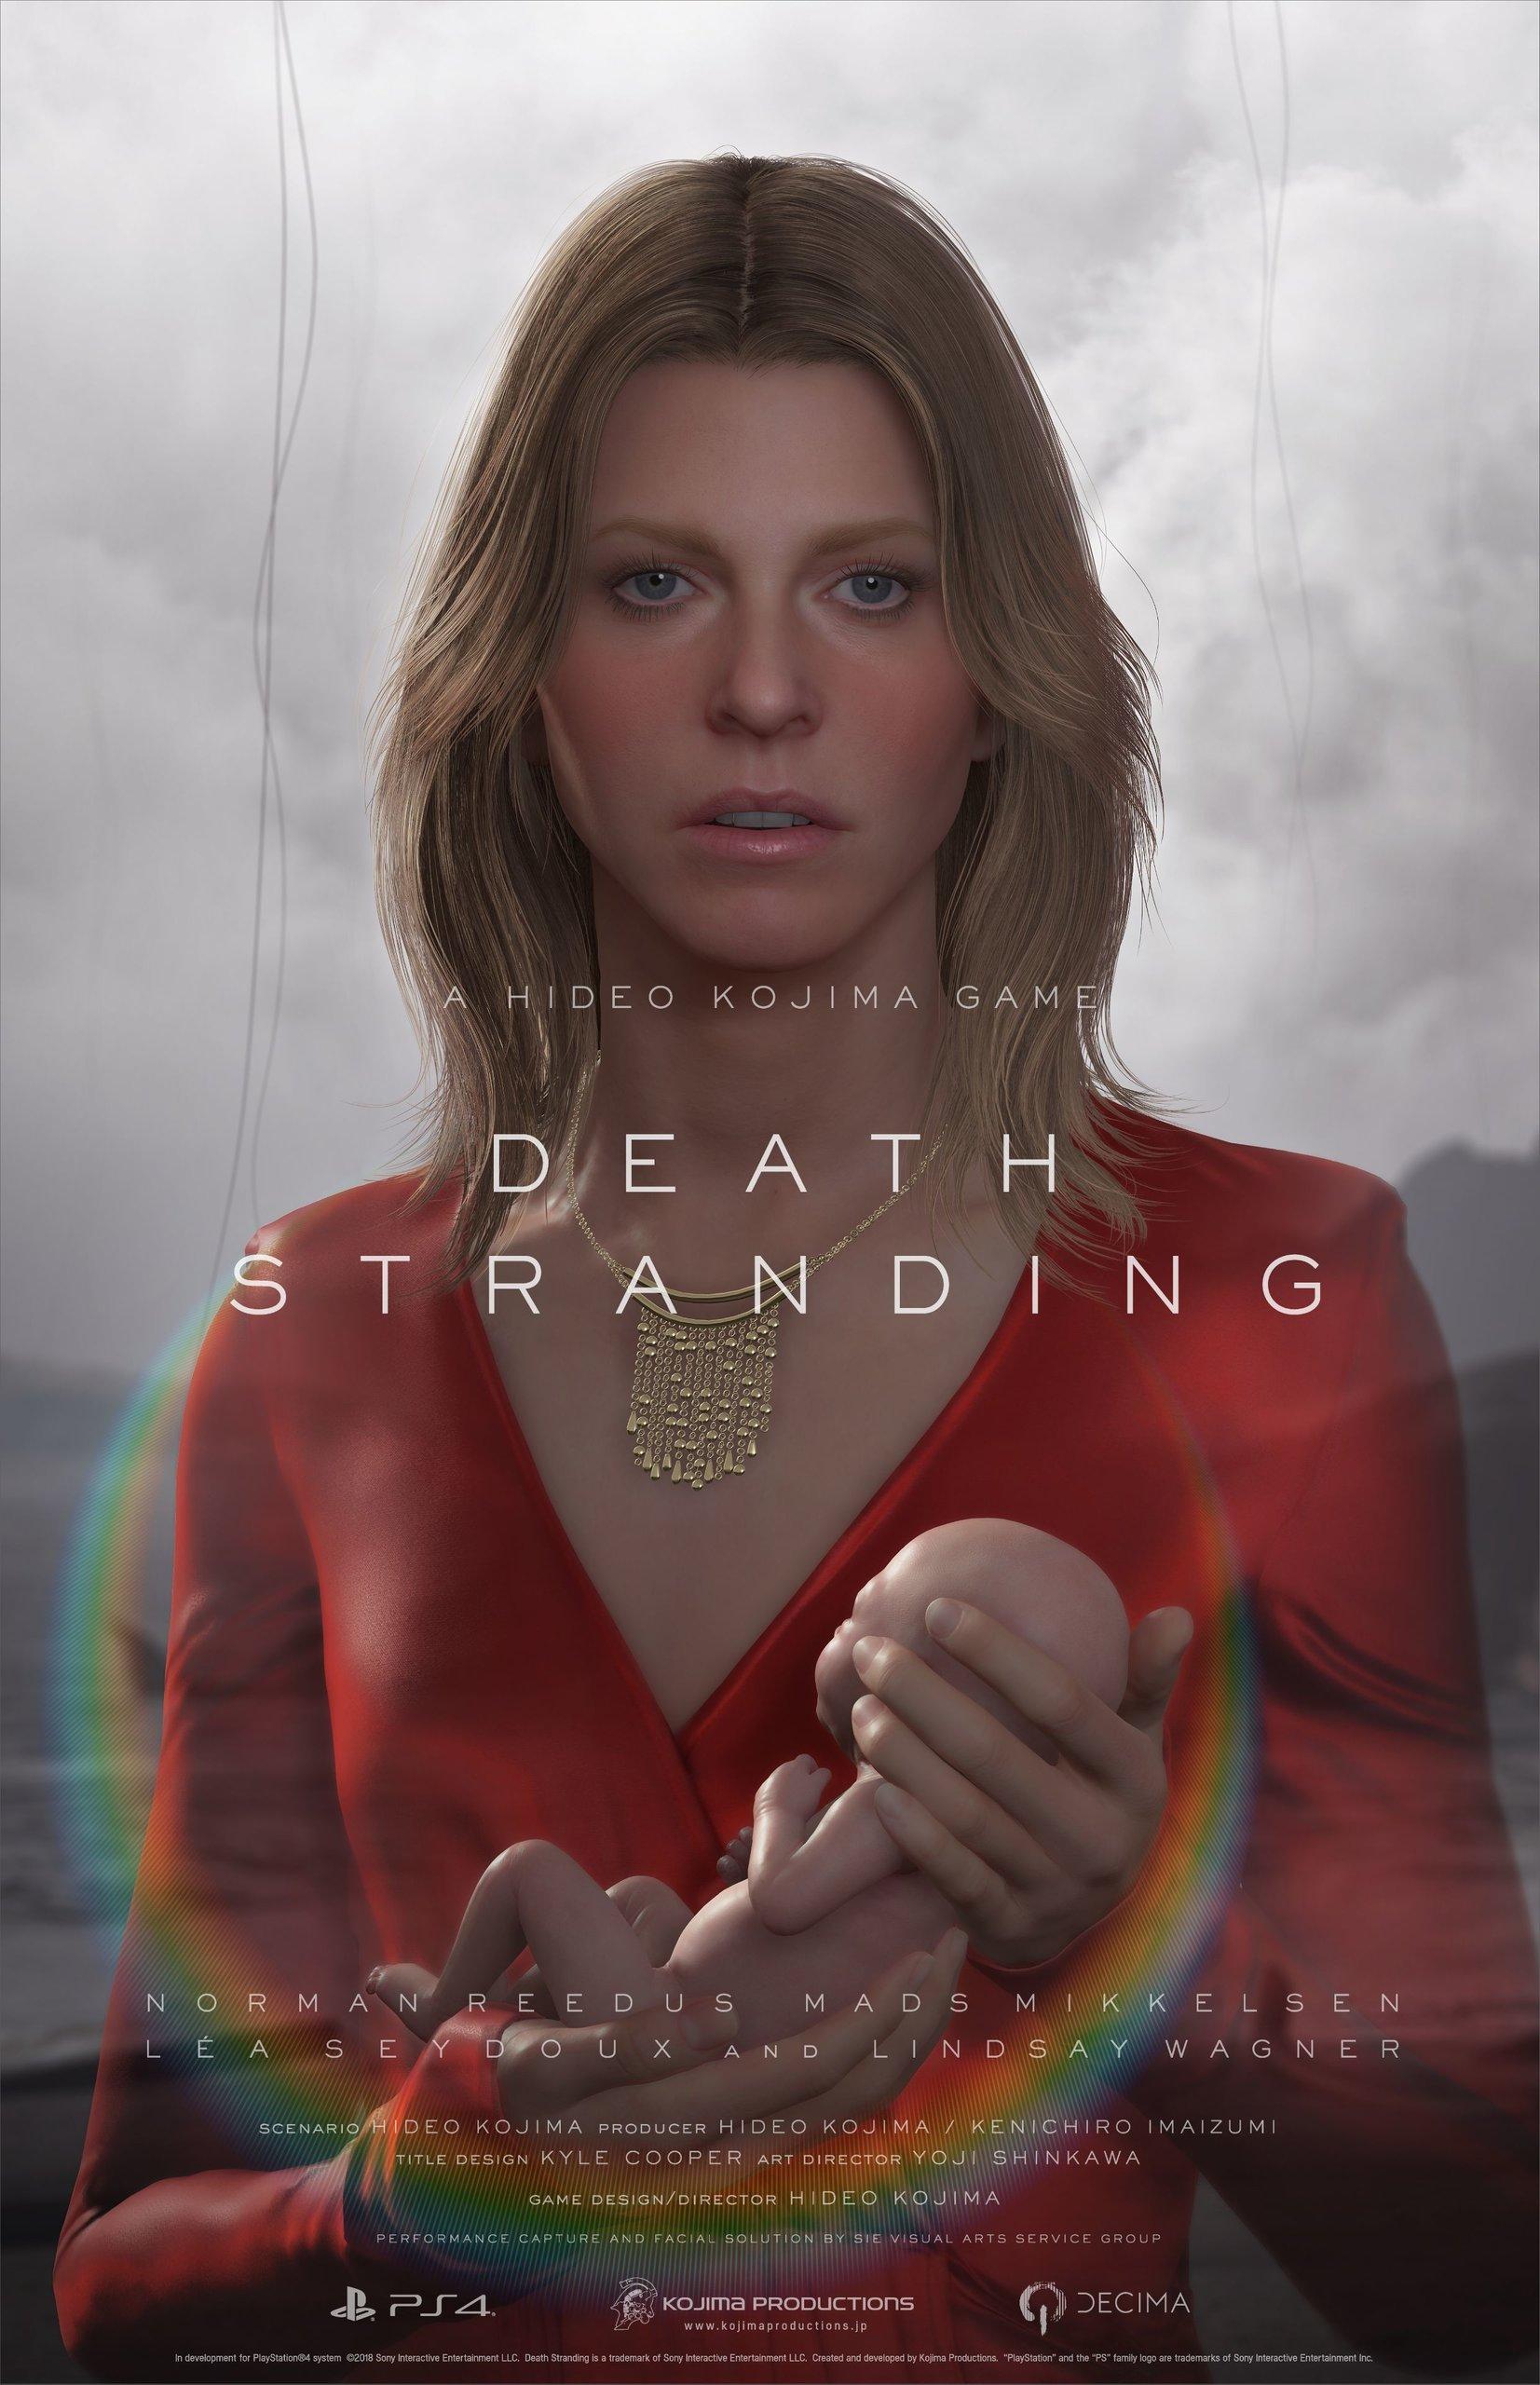 deathstranding_7.jpg